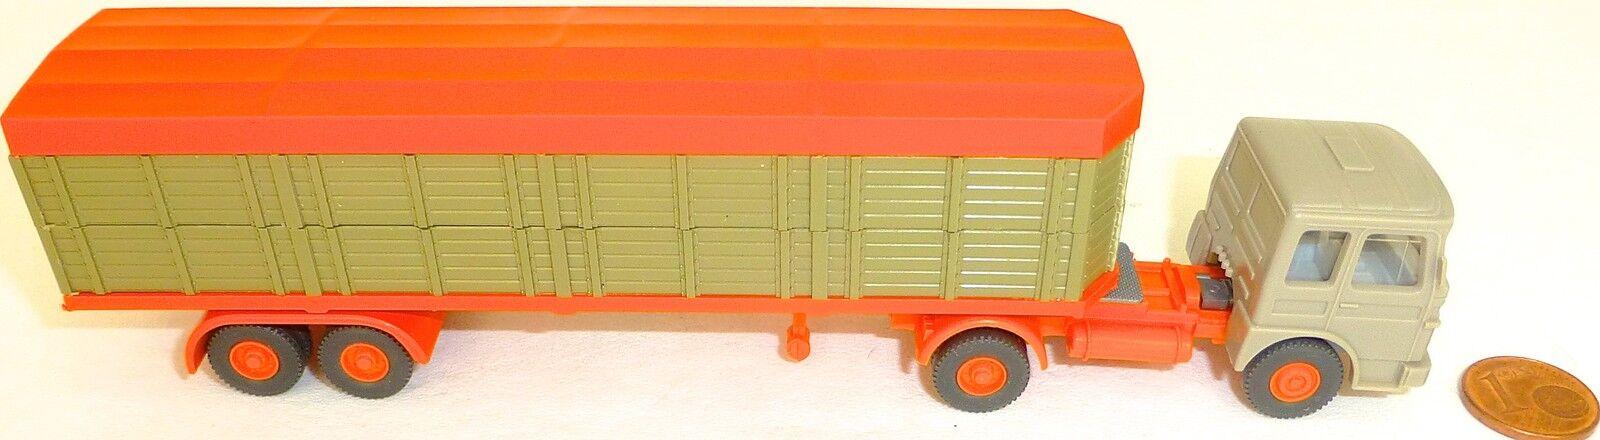 servicio de primera clase Transportador de Animales Cerrado Beige verde Deutrans Naranja Naranja Naranja Semirremolque  tienda de venta